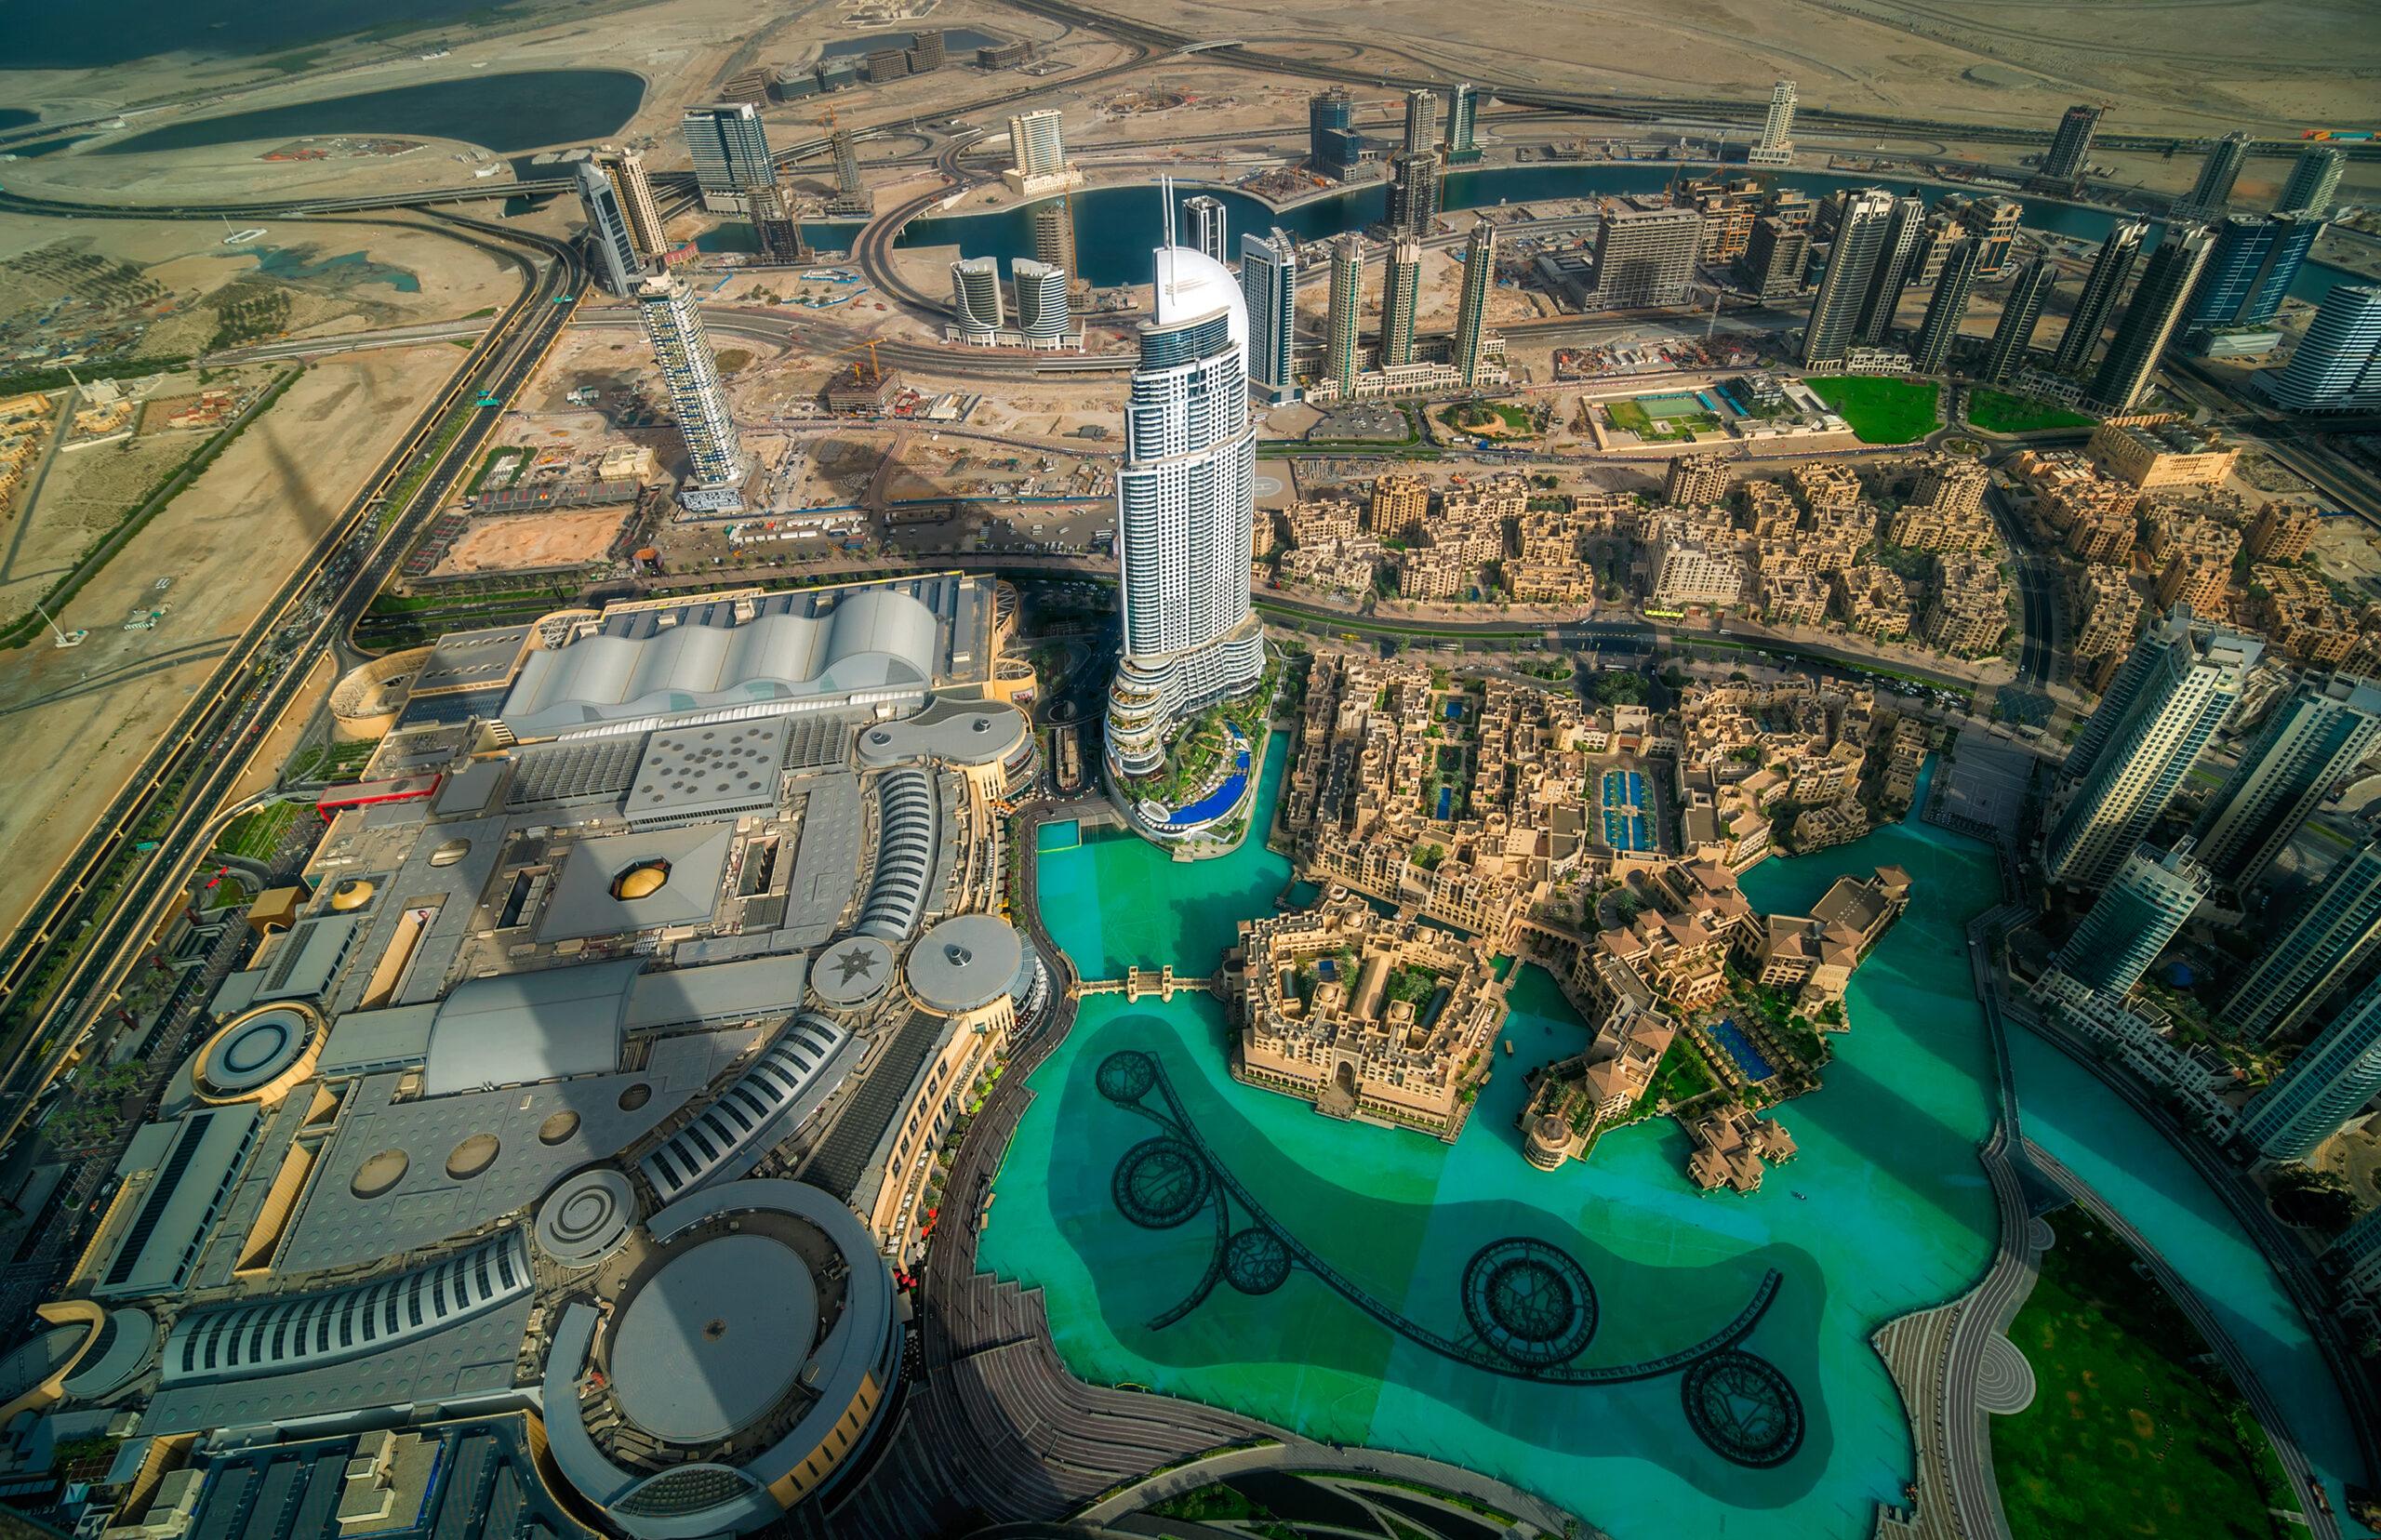 Una mirada a la arquitectura del futuro